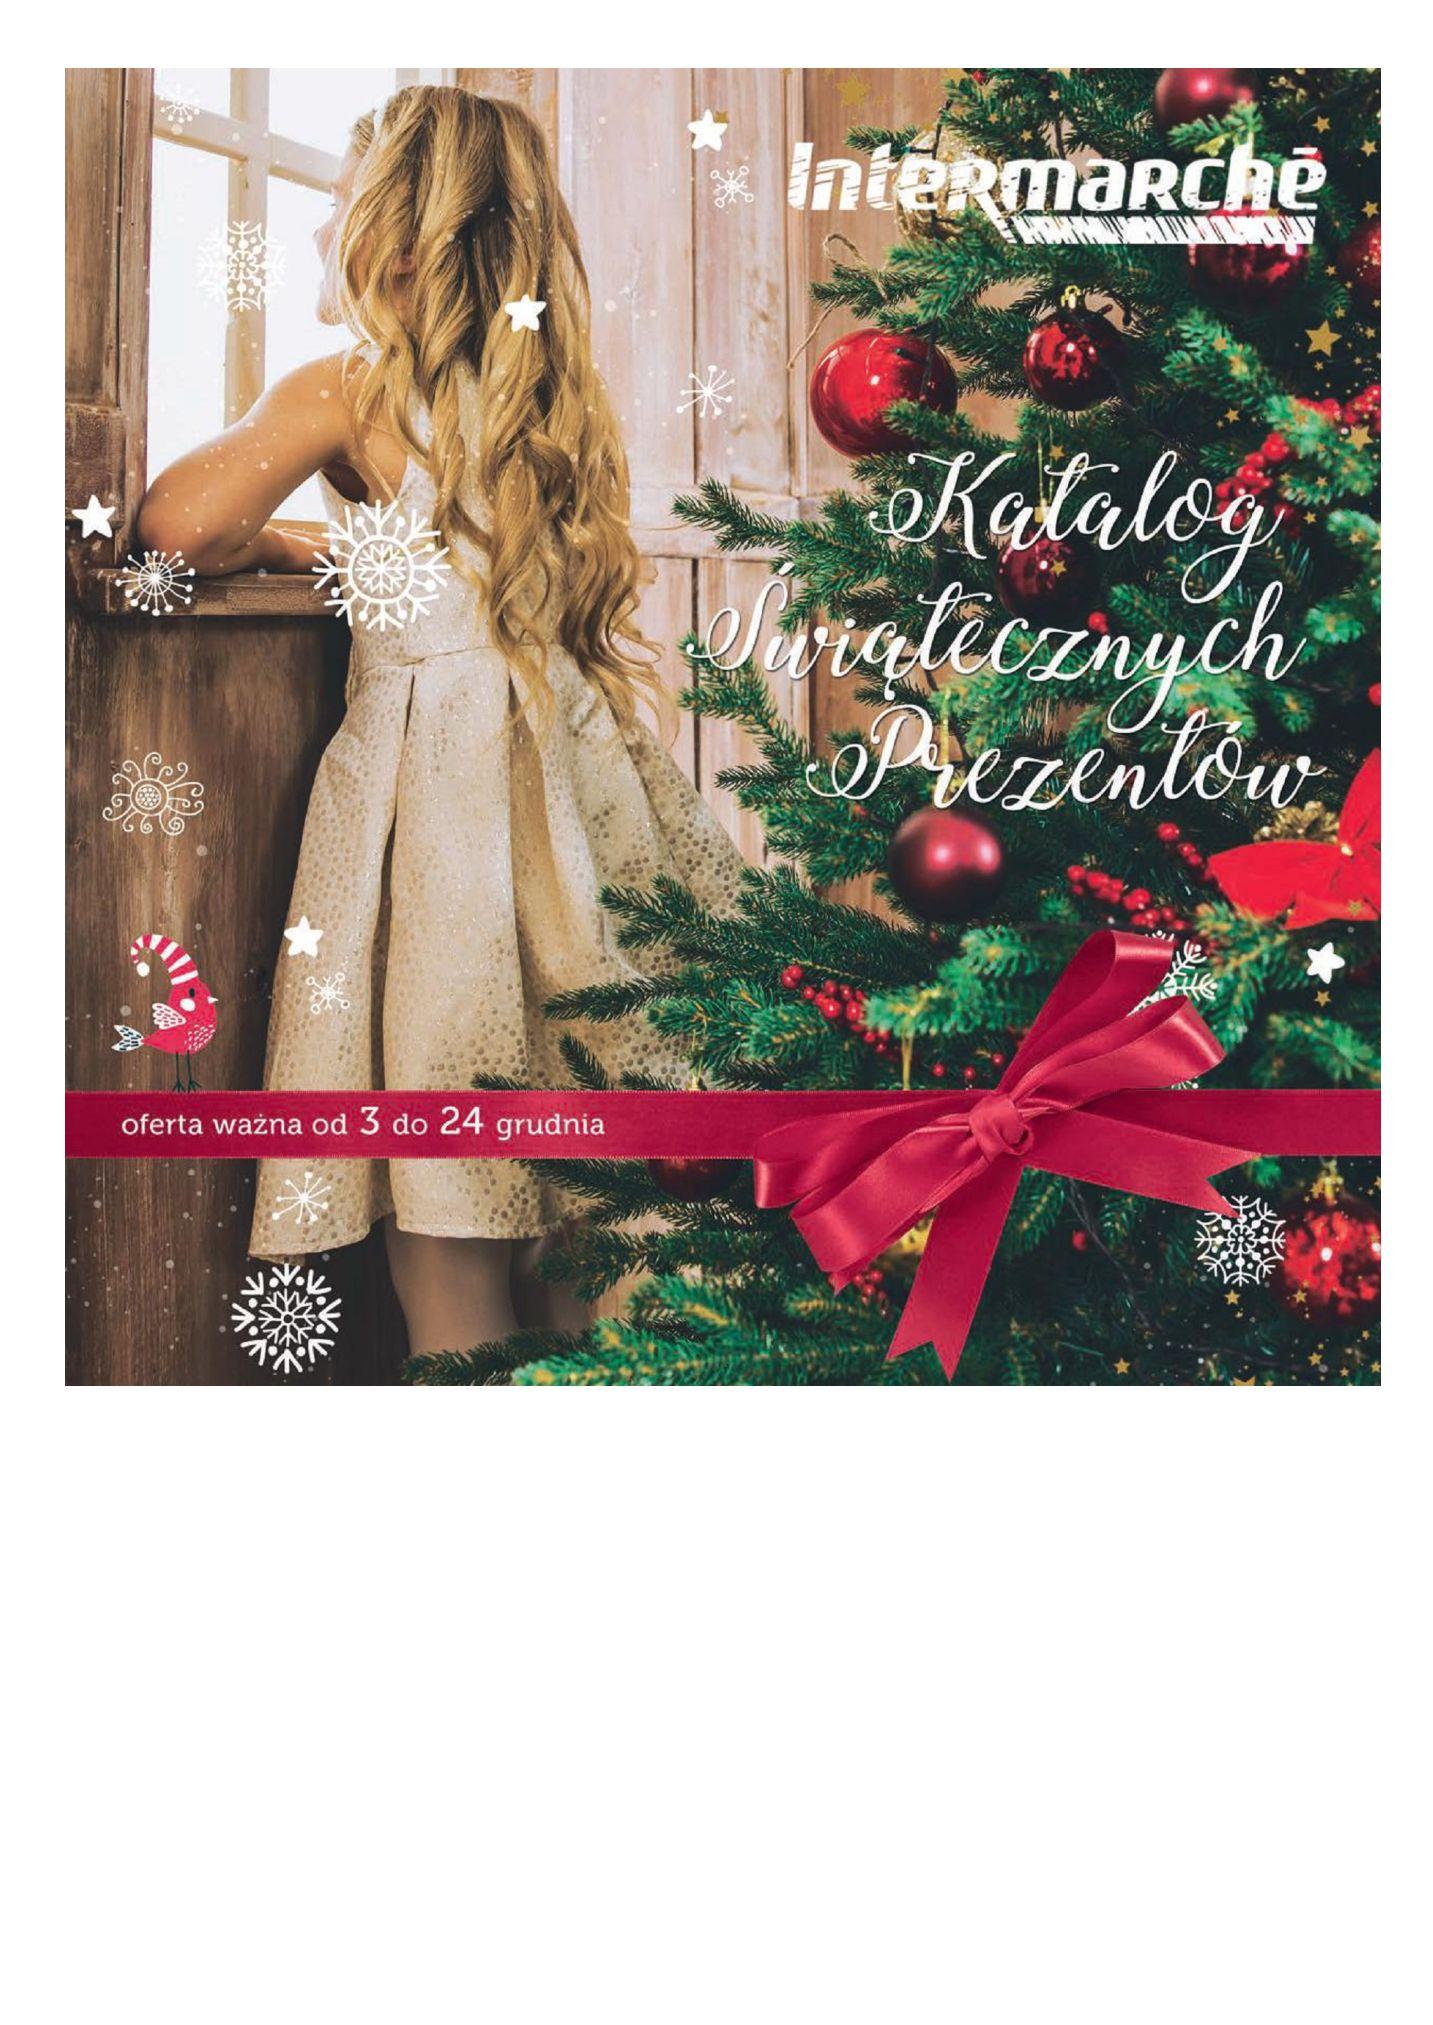 Gazetka Intermarché - Katalog Świątecznych Prezentów-02.12.2019-24.12.2019-page-1